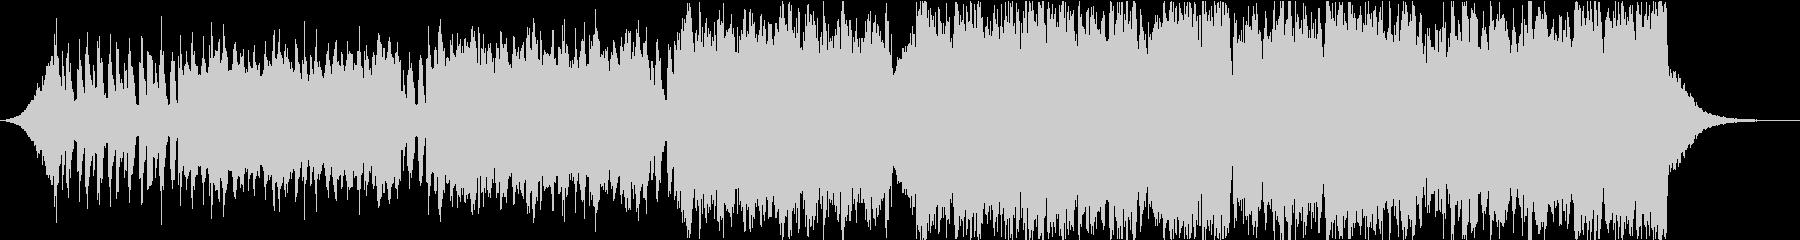 艶やかなバイオリンのBGM 企業B23 の未再生の波形